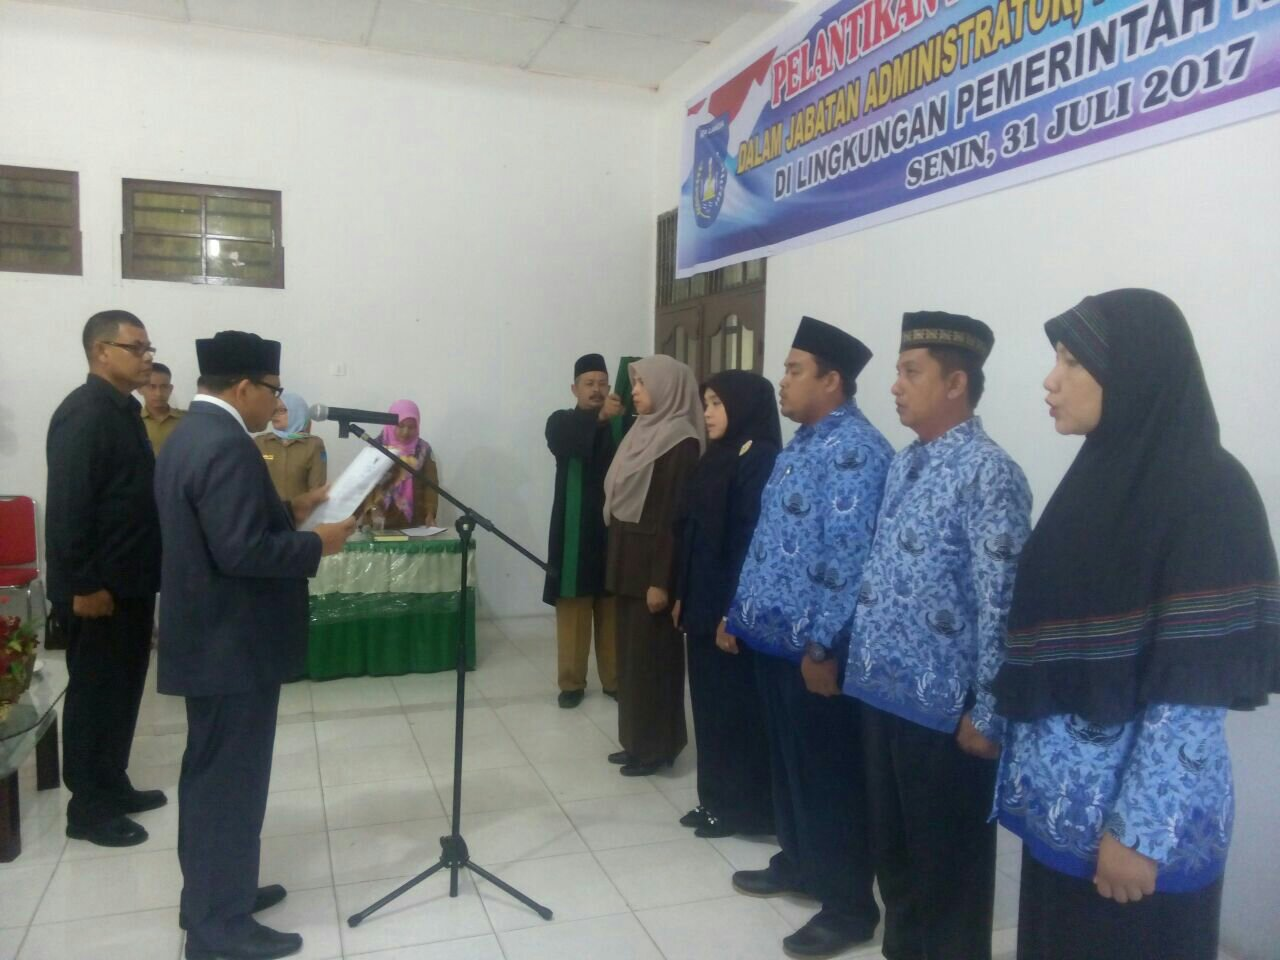 Proses Pelantikan Direktur Rumah Sakit Umum Daerah Kota Langsa